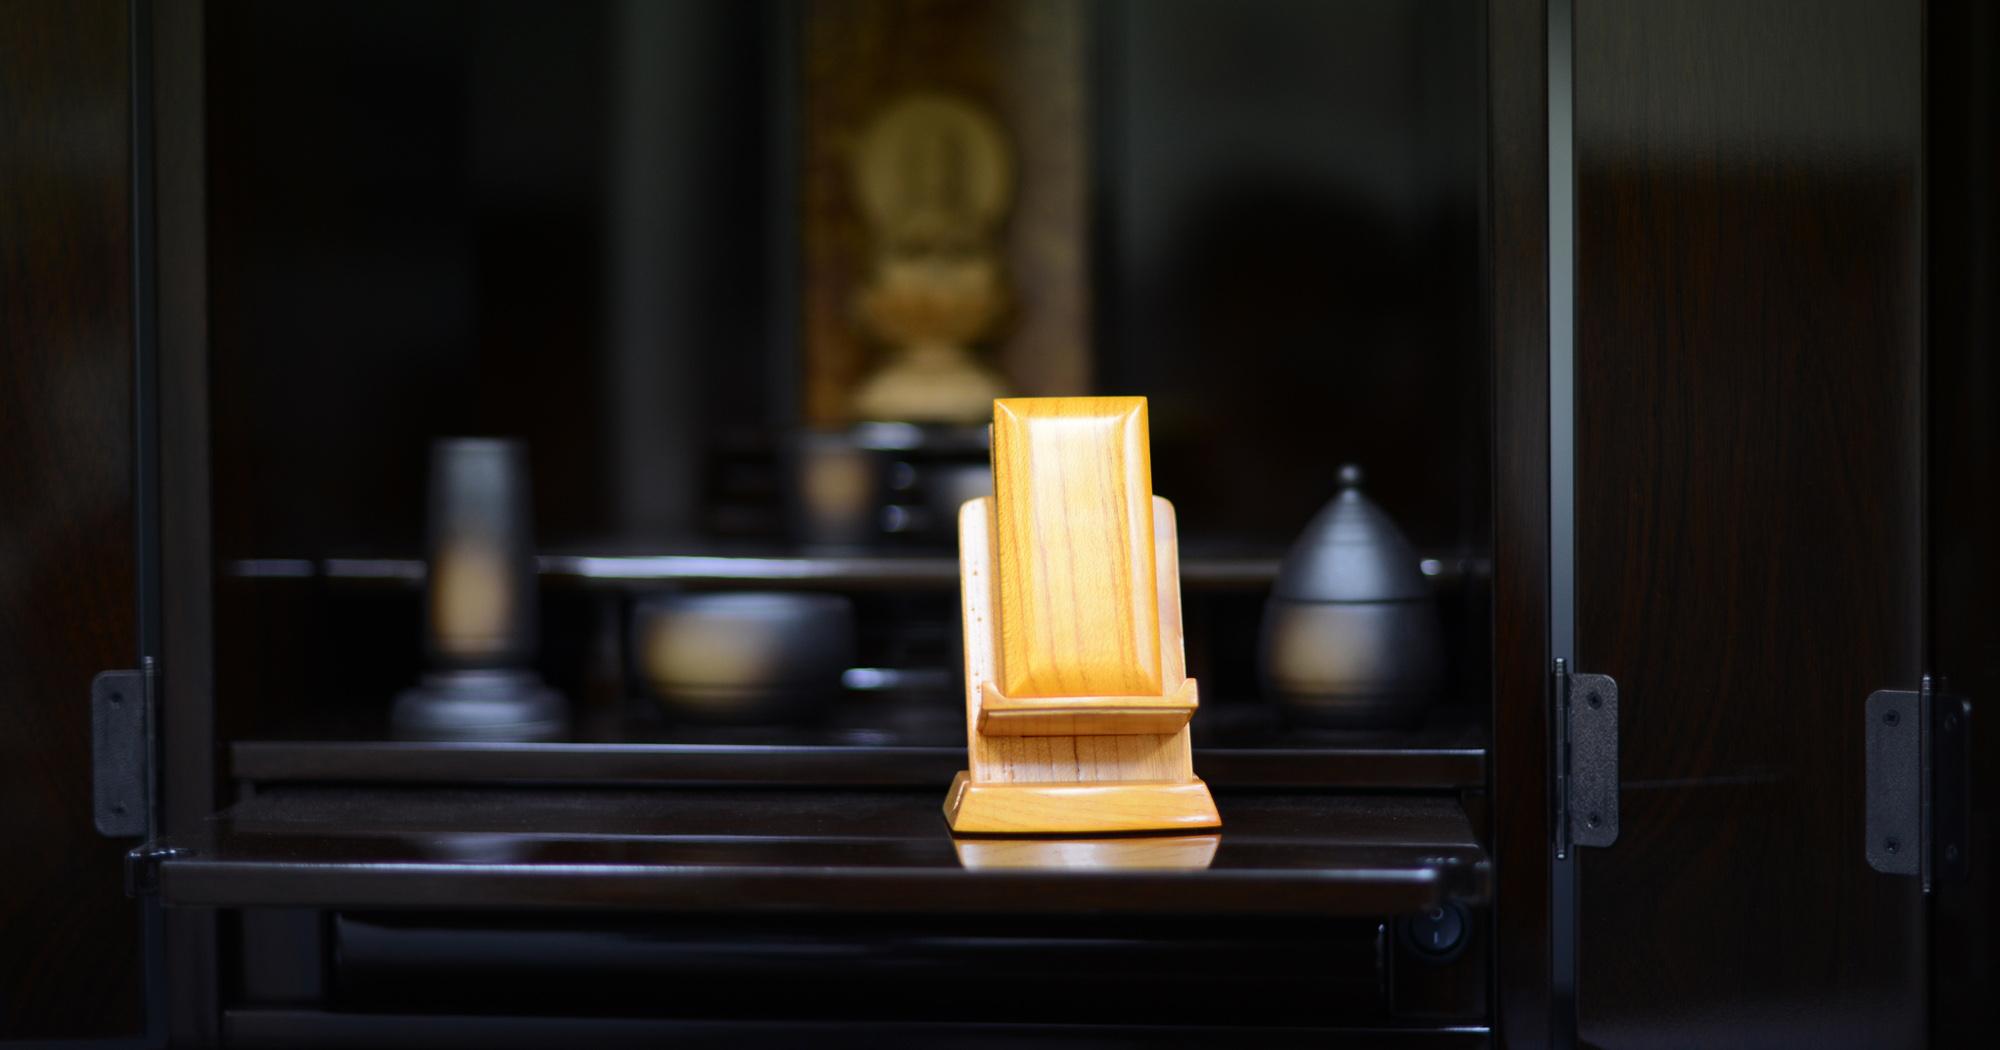 法名軸とは浄土真宗系の多くの宗派で使用される正式な仏具です。